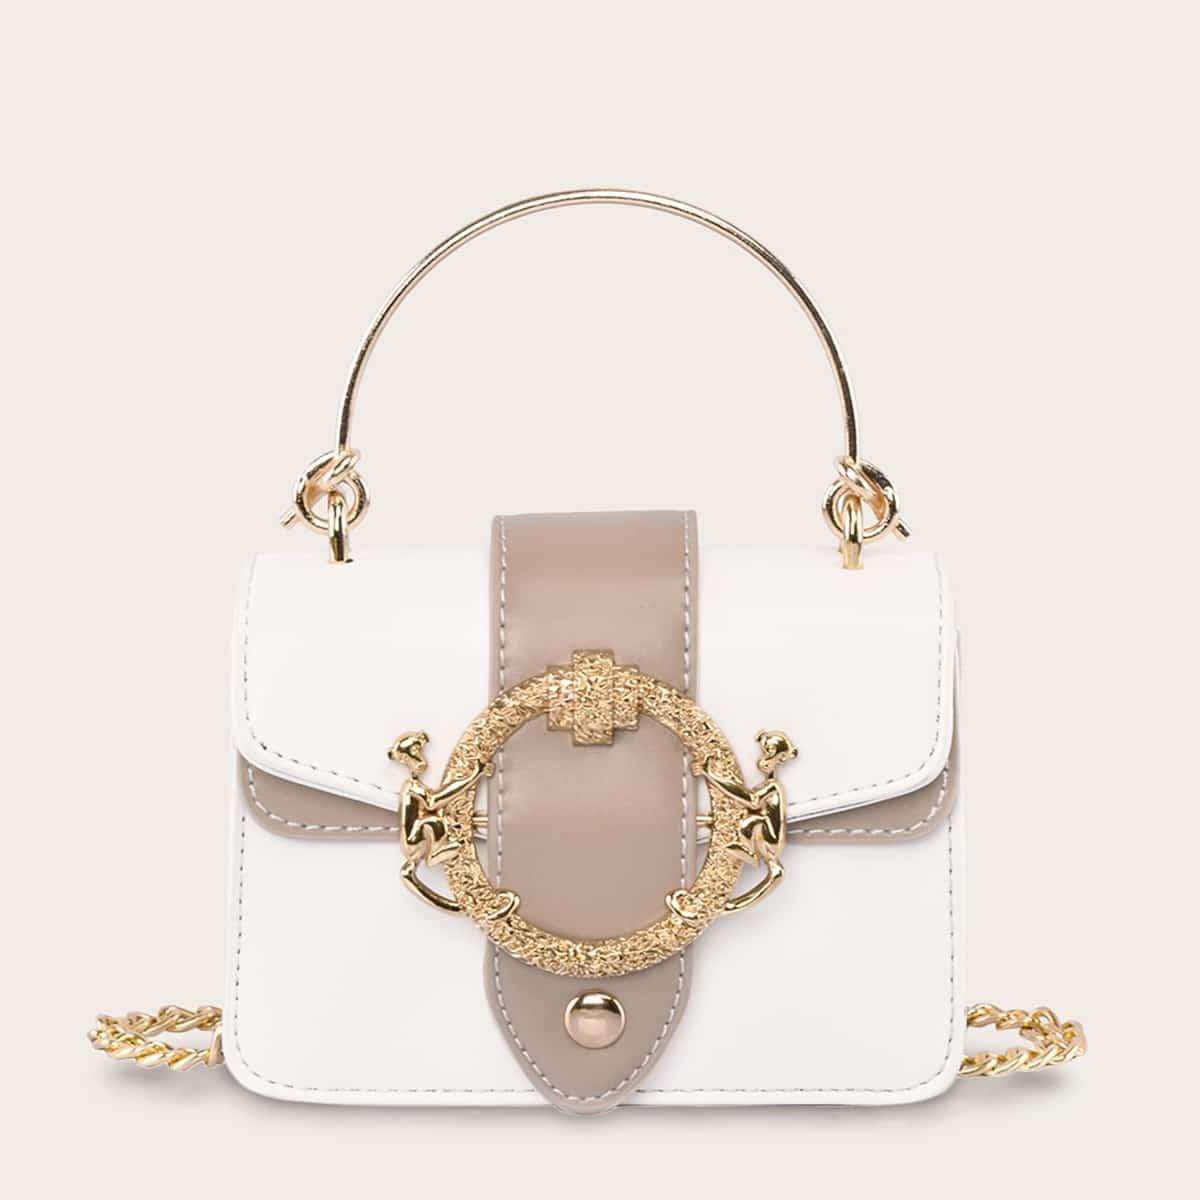 Двухцветная сумка-портфель с металлическим декором от SHEIN